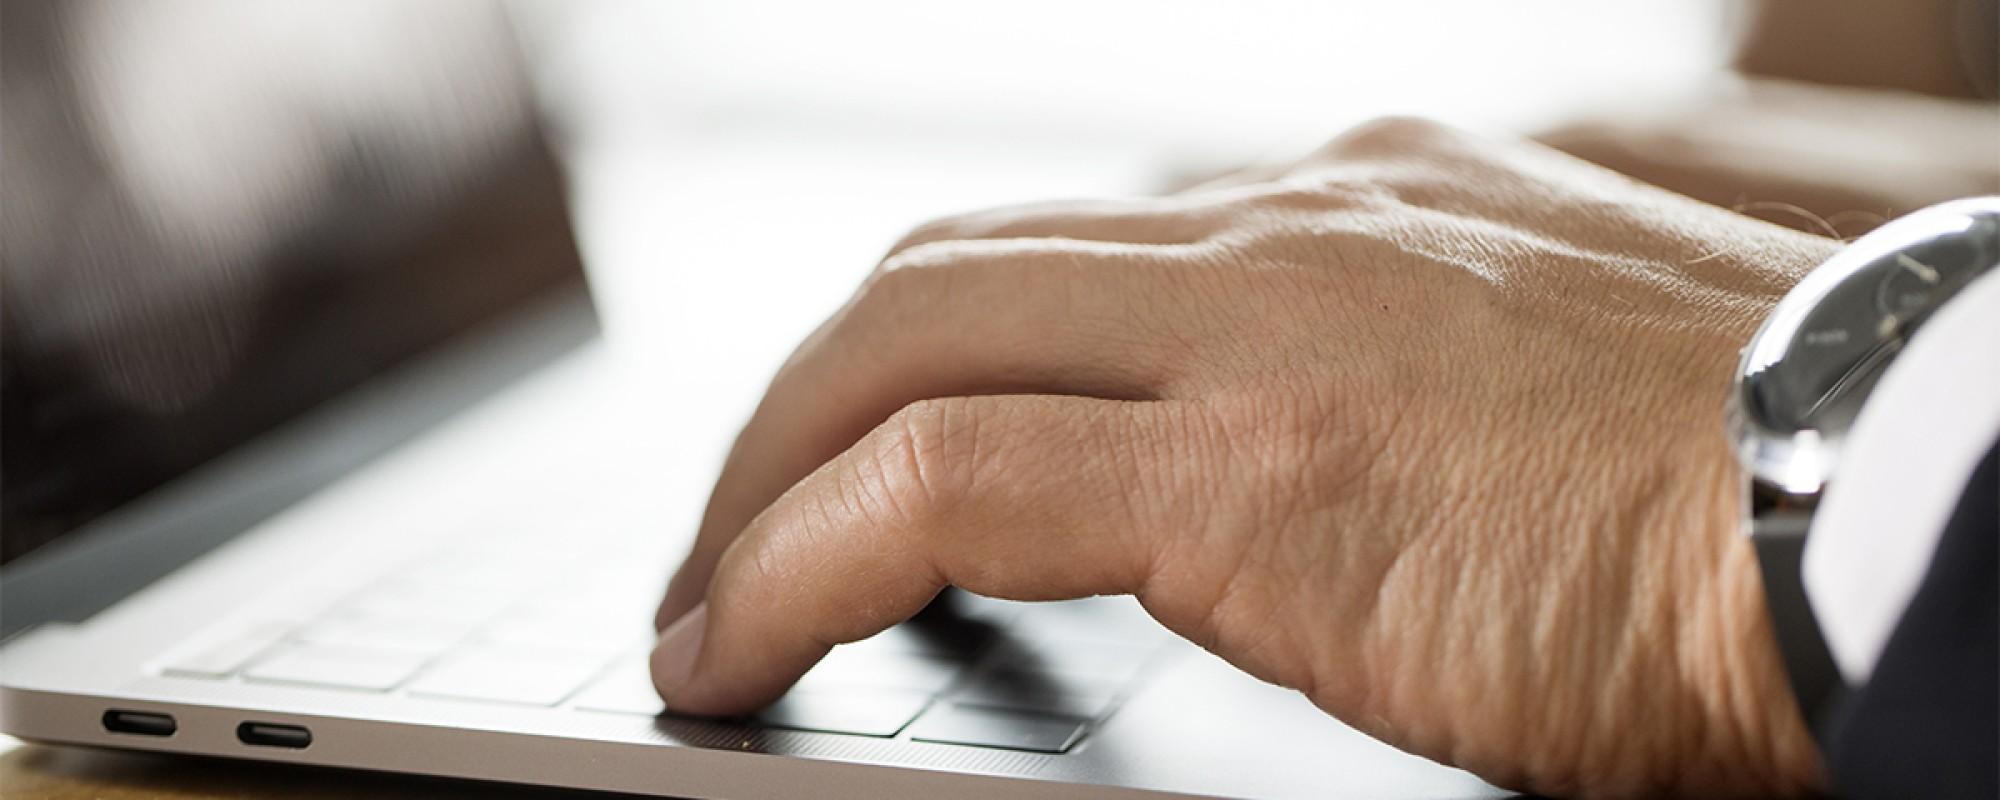 Ein Closeup Foto von einer Laptoptastatur, mit Händen welche darauf tippen.